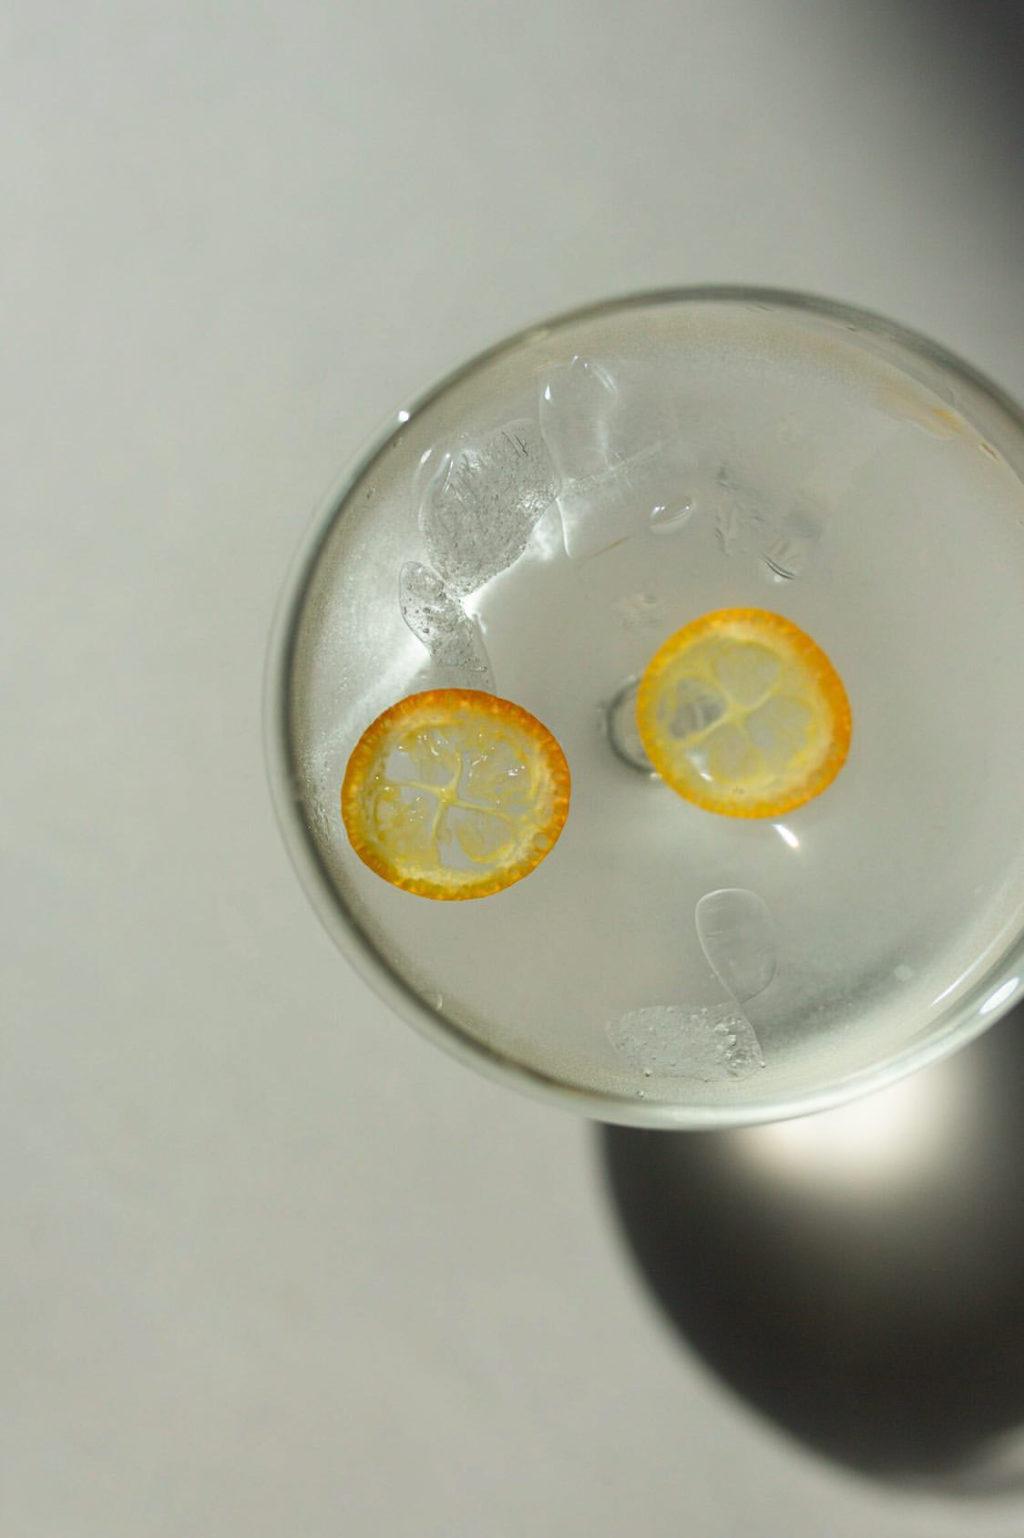 Cocktail pour chiller